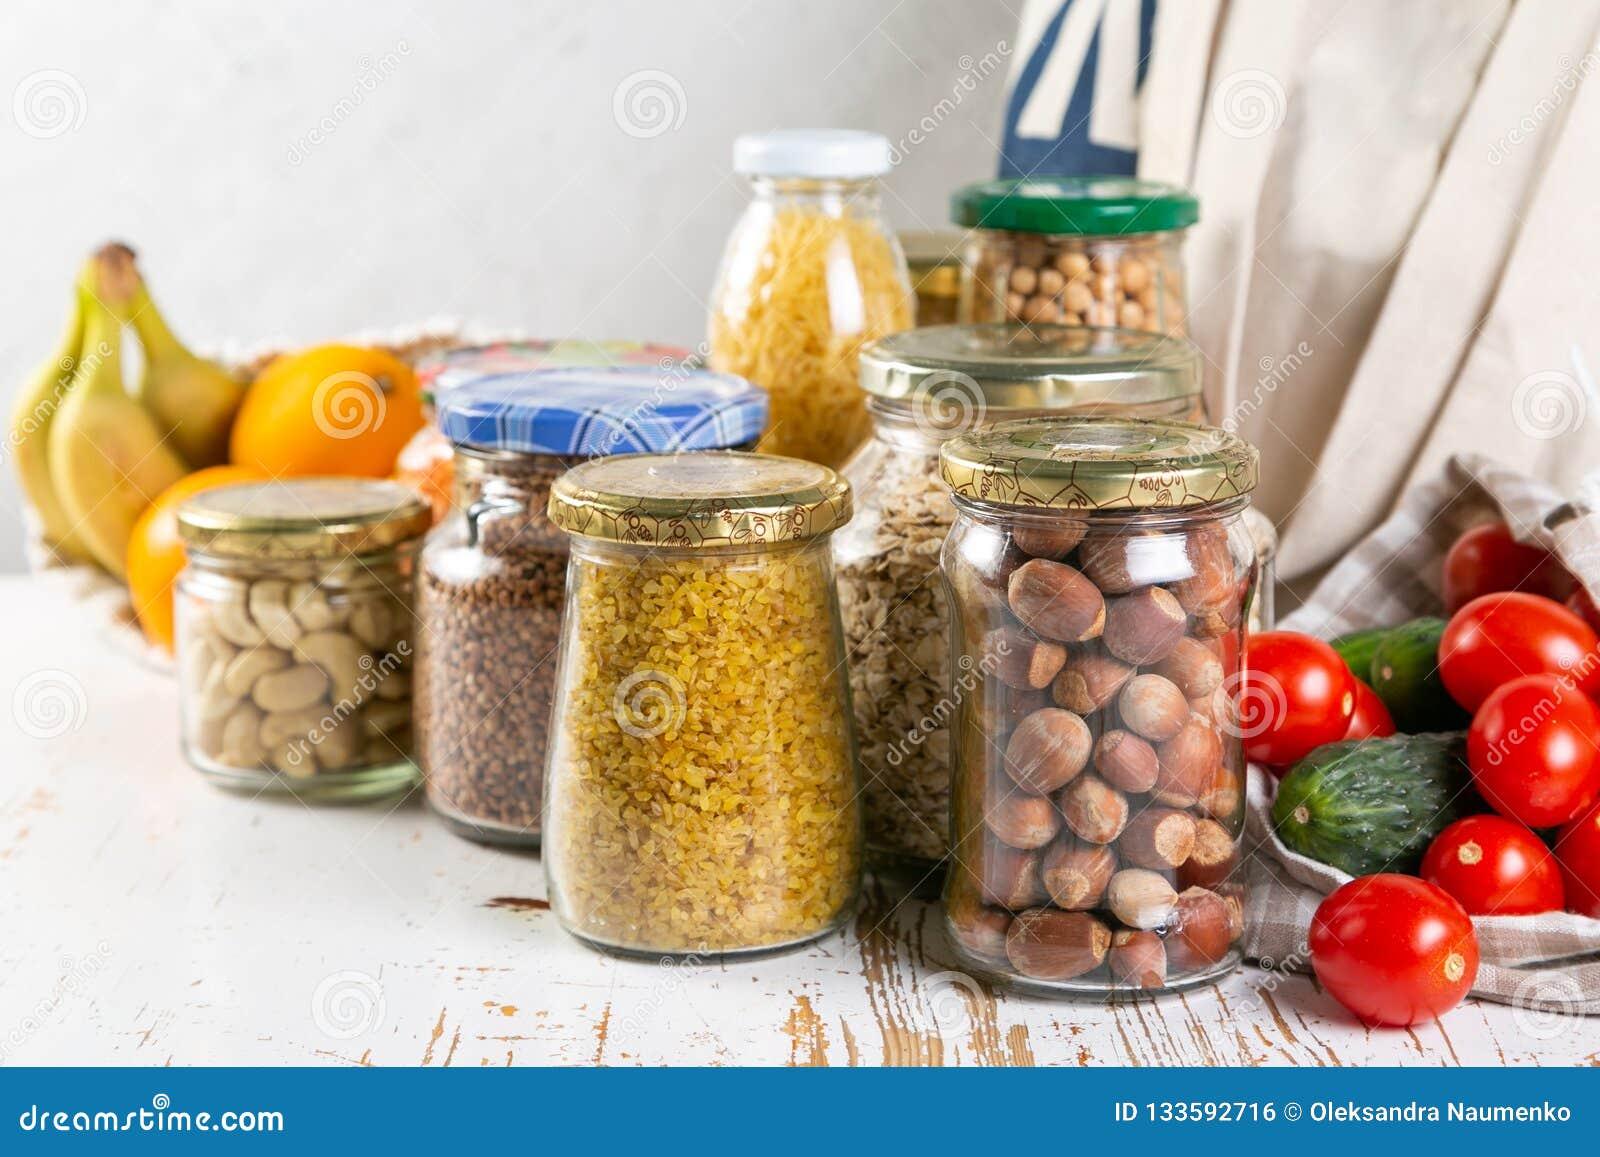 Nul afvalconcept, sustanable levensstijl - glas en document opnieuw te gebruiken verpakking voor kruidenierswinkel het winkelen